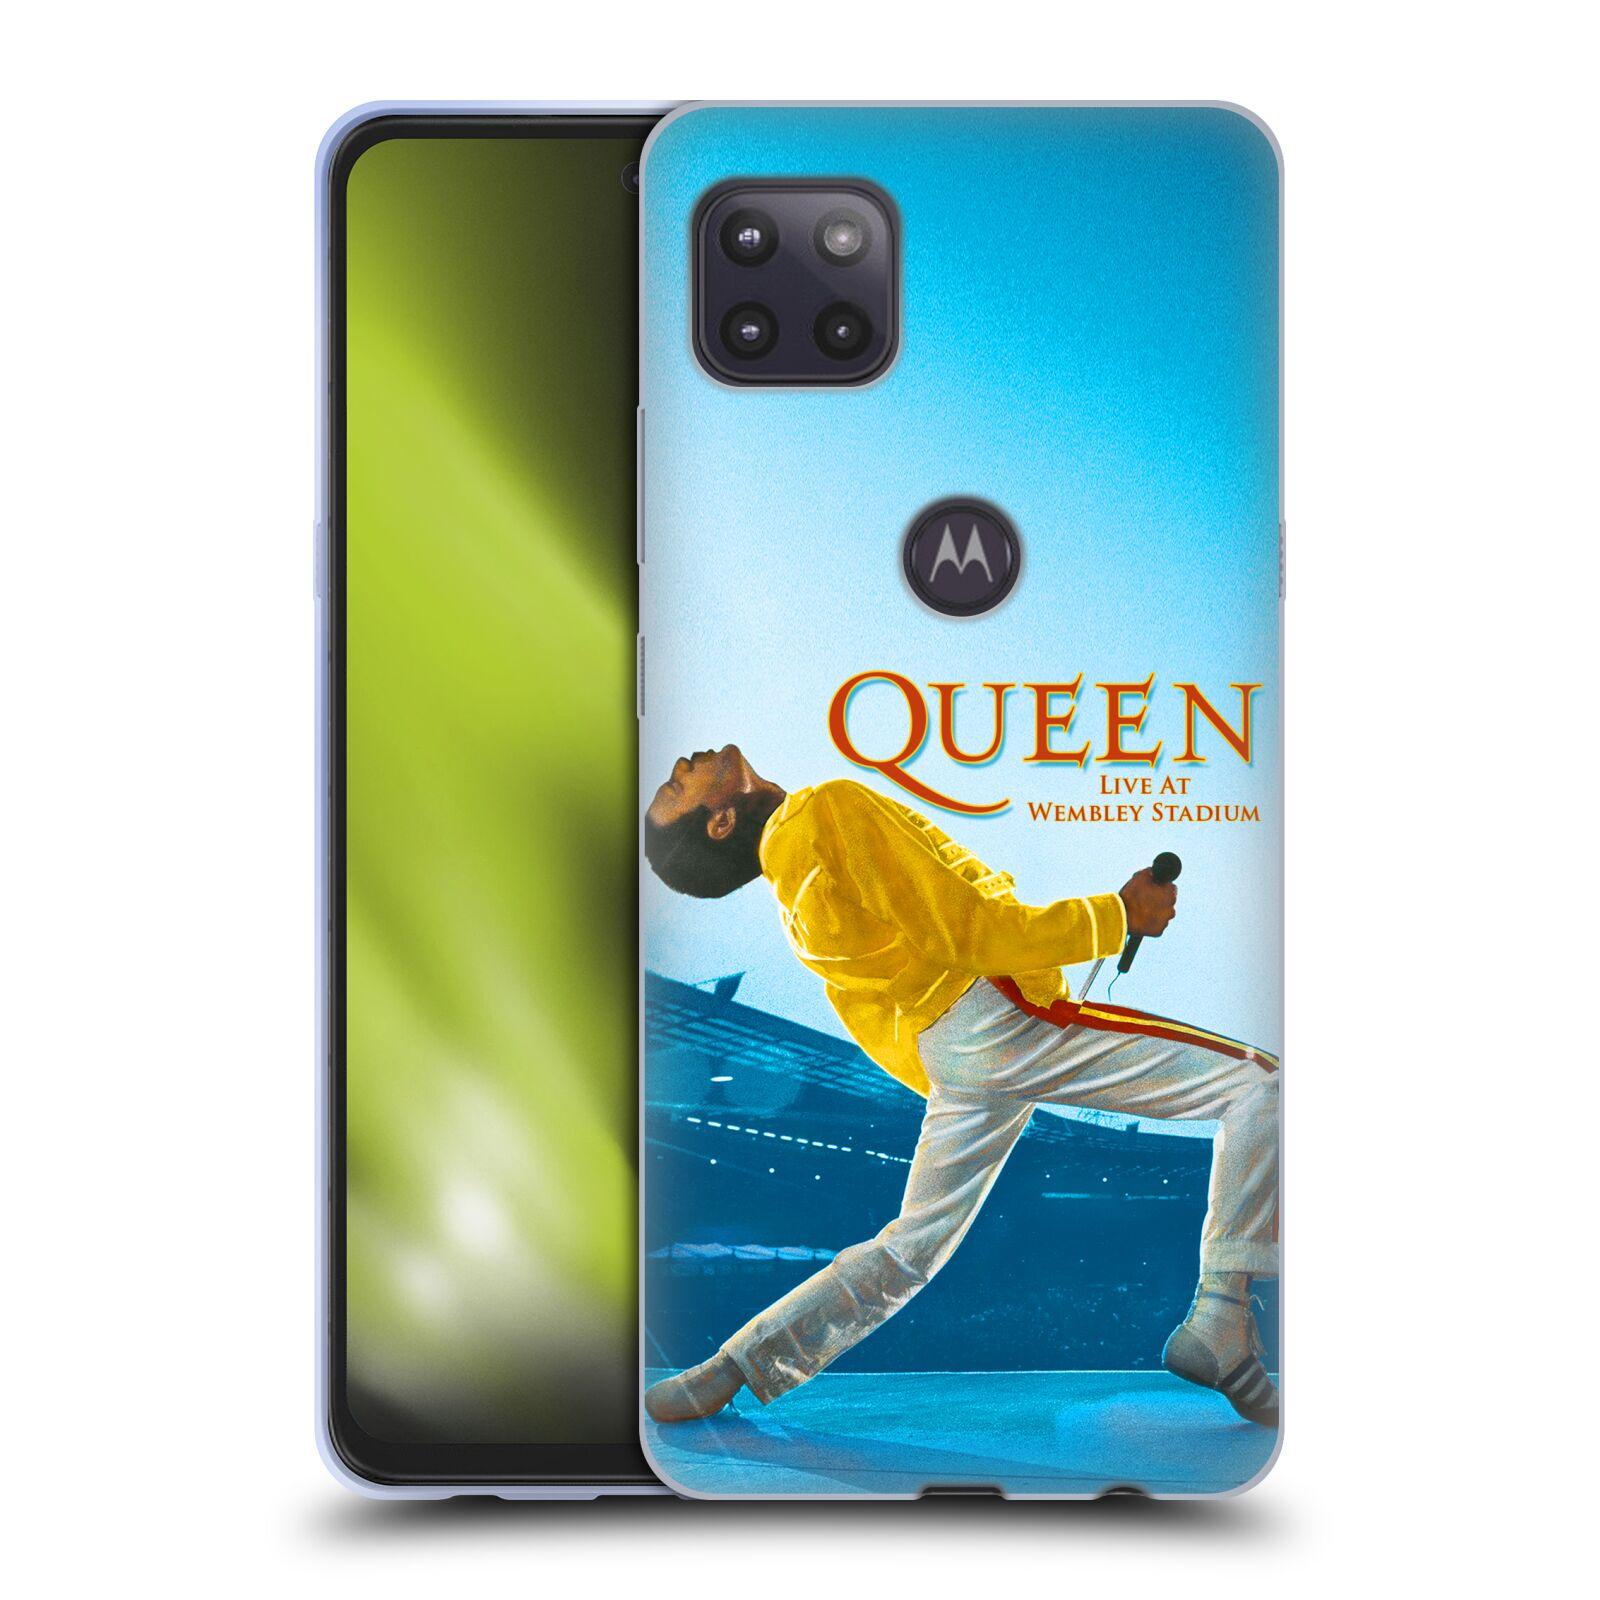 Silikonové pouzdro na mobil Motorola Moto G 5G - Head Case - Queen - Freddie Mercury